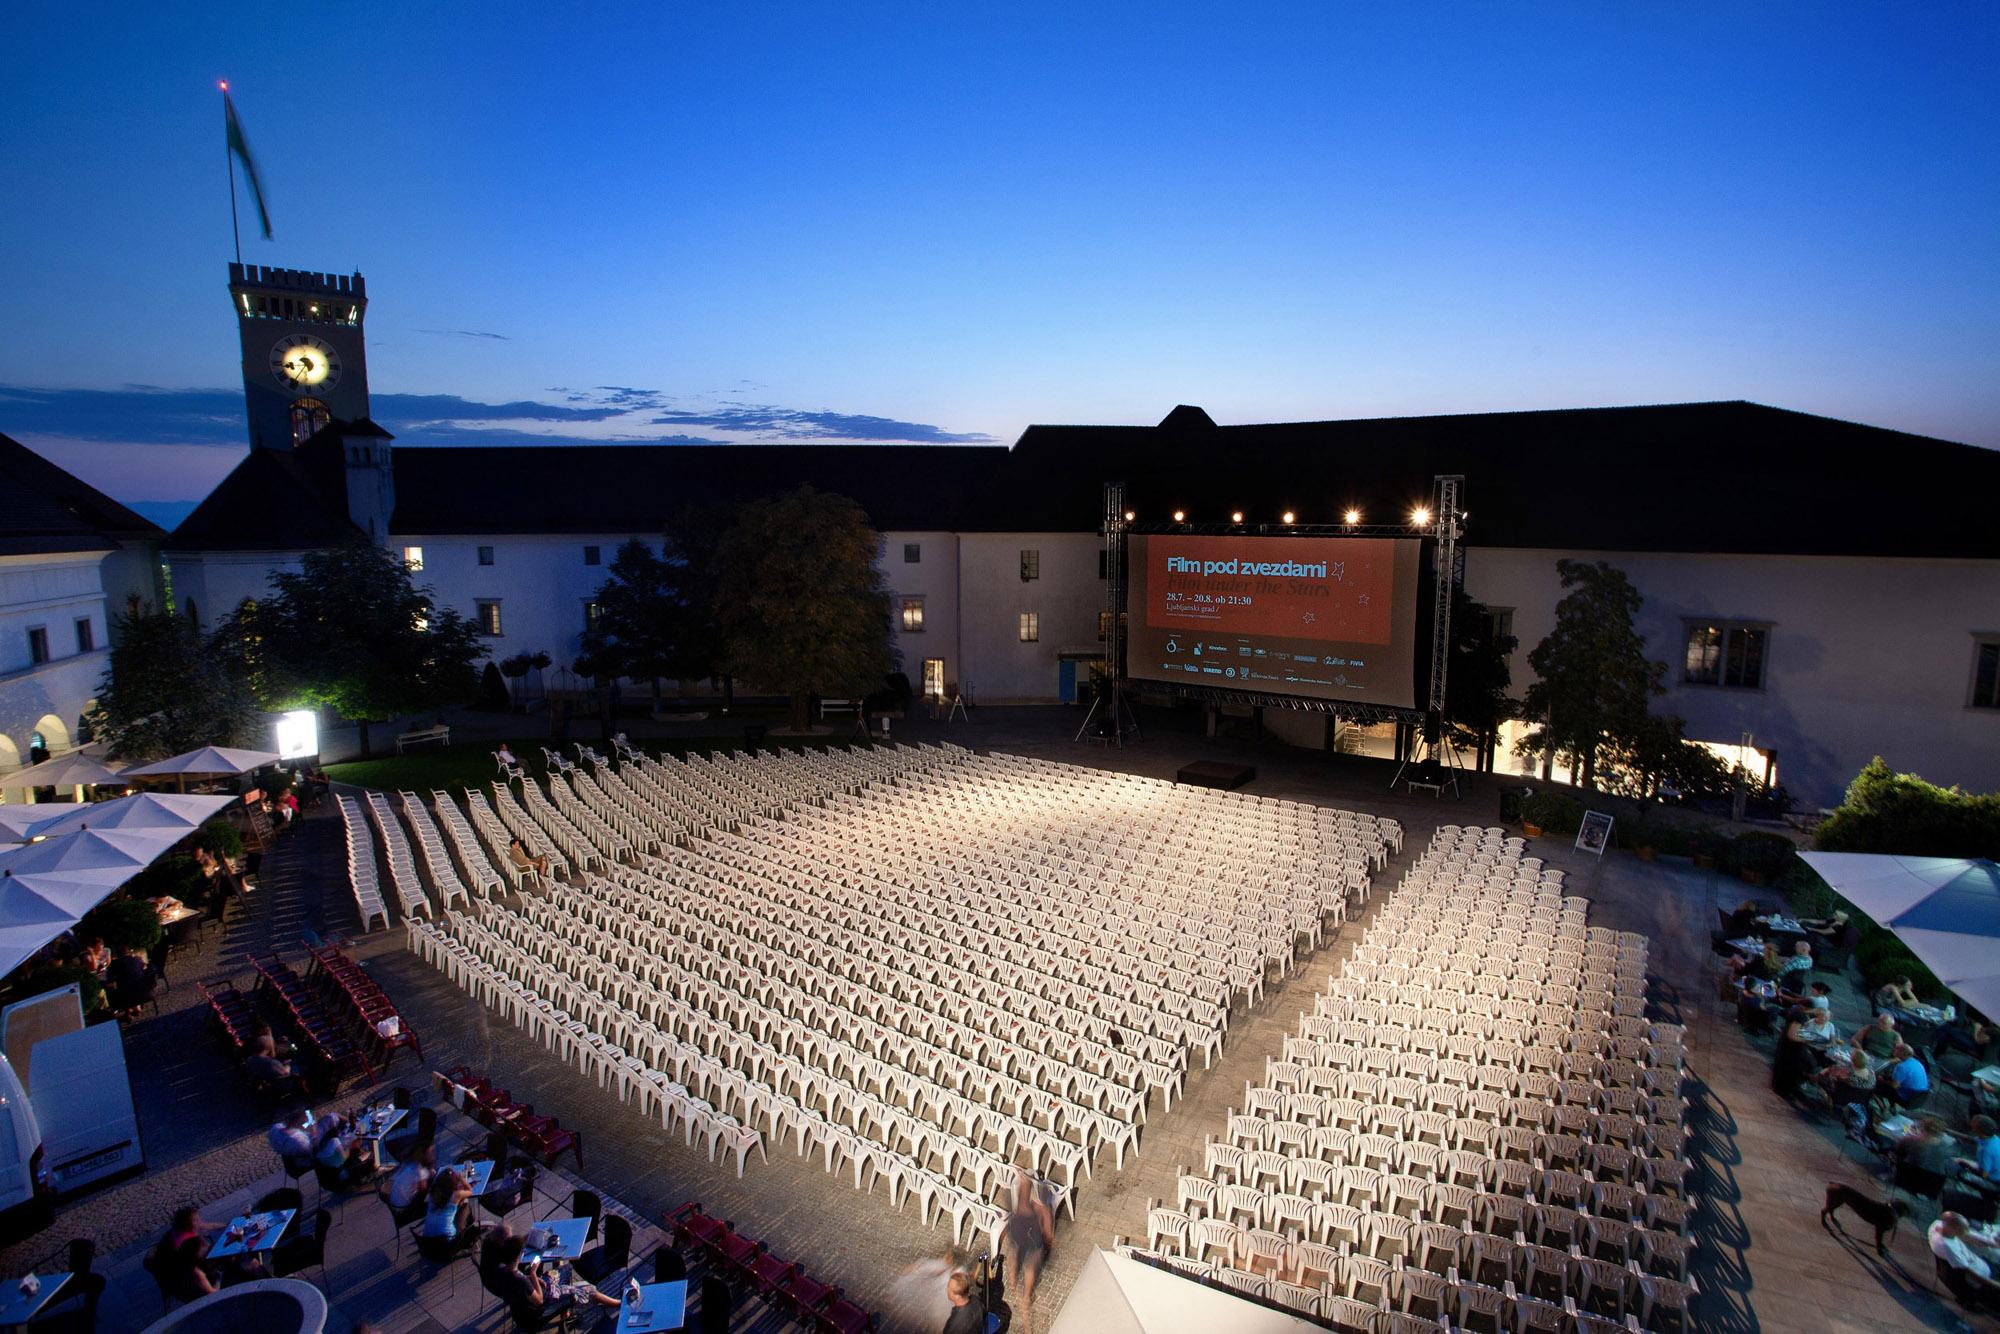 Zaključek Filma pod zvezdami: Vikendova premiera, Ljubljanski grad, 20.8.2011